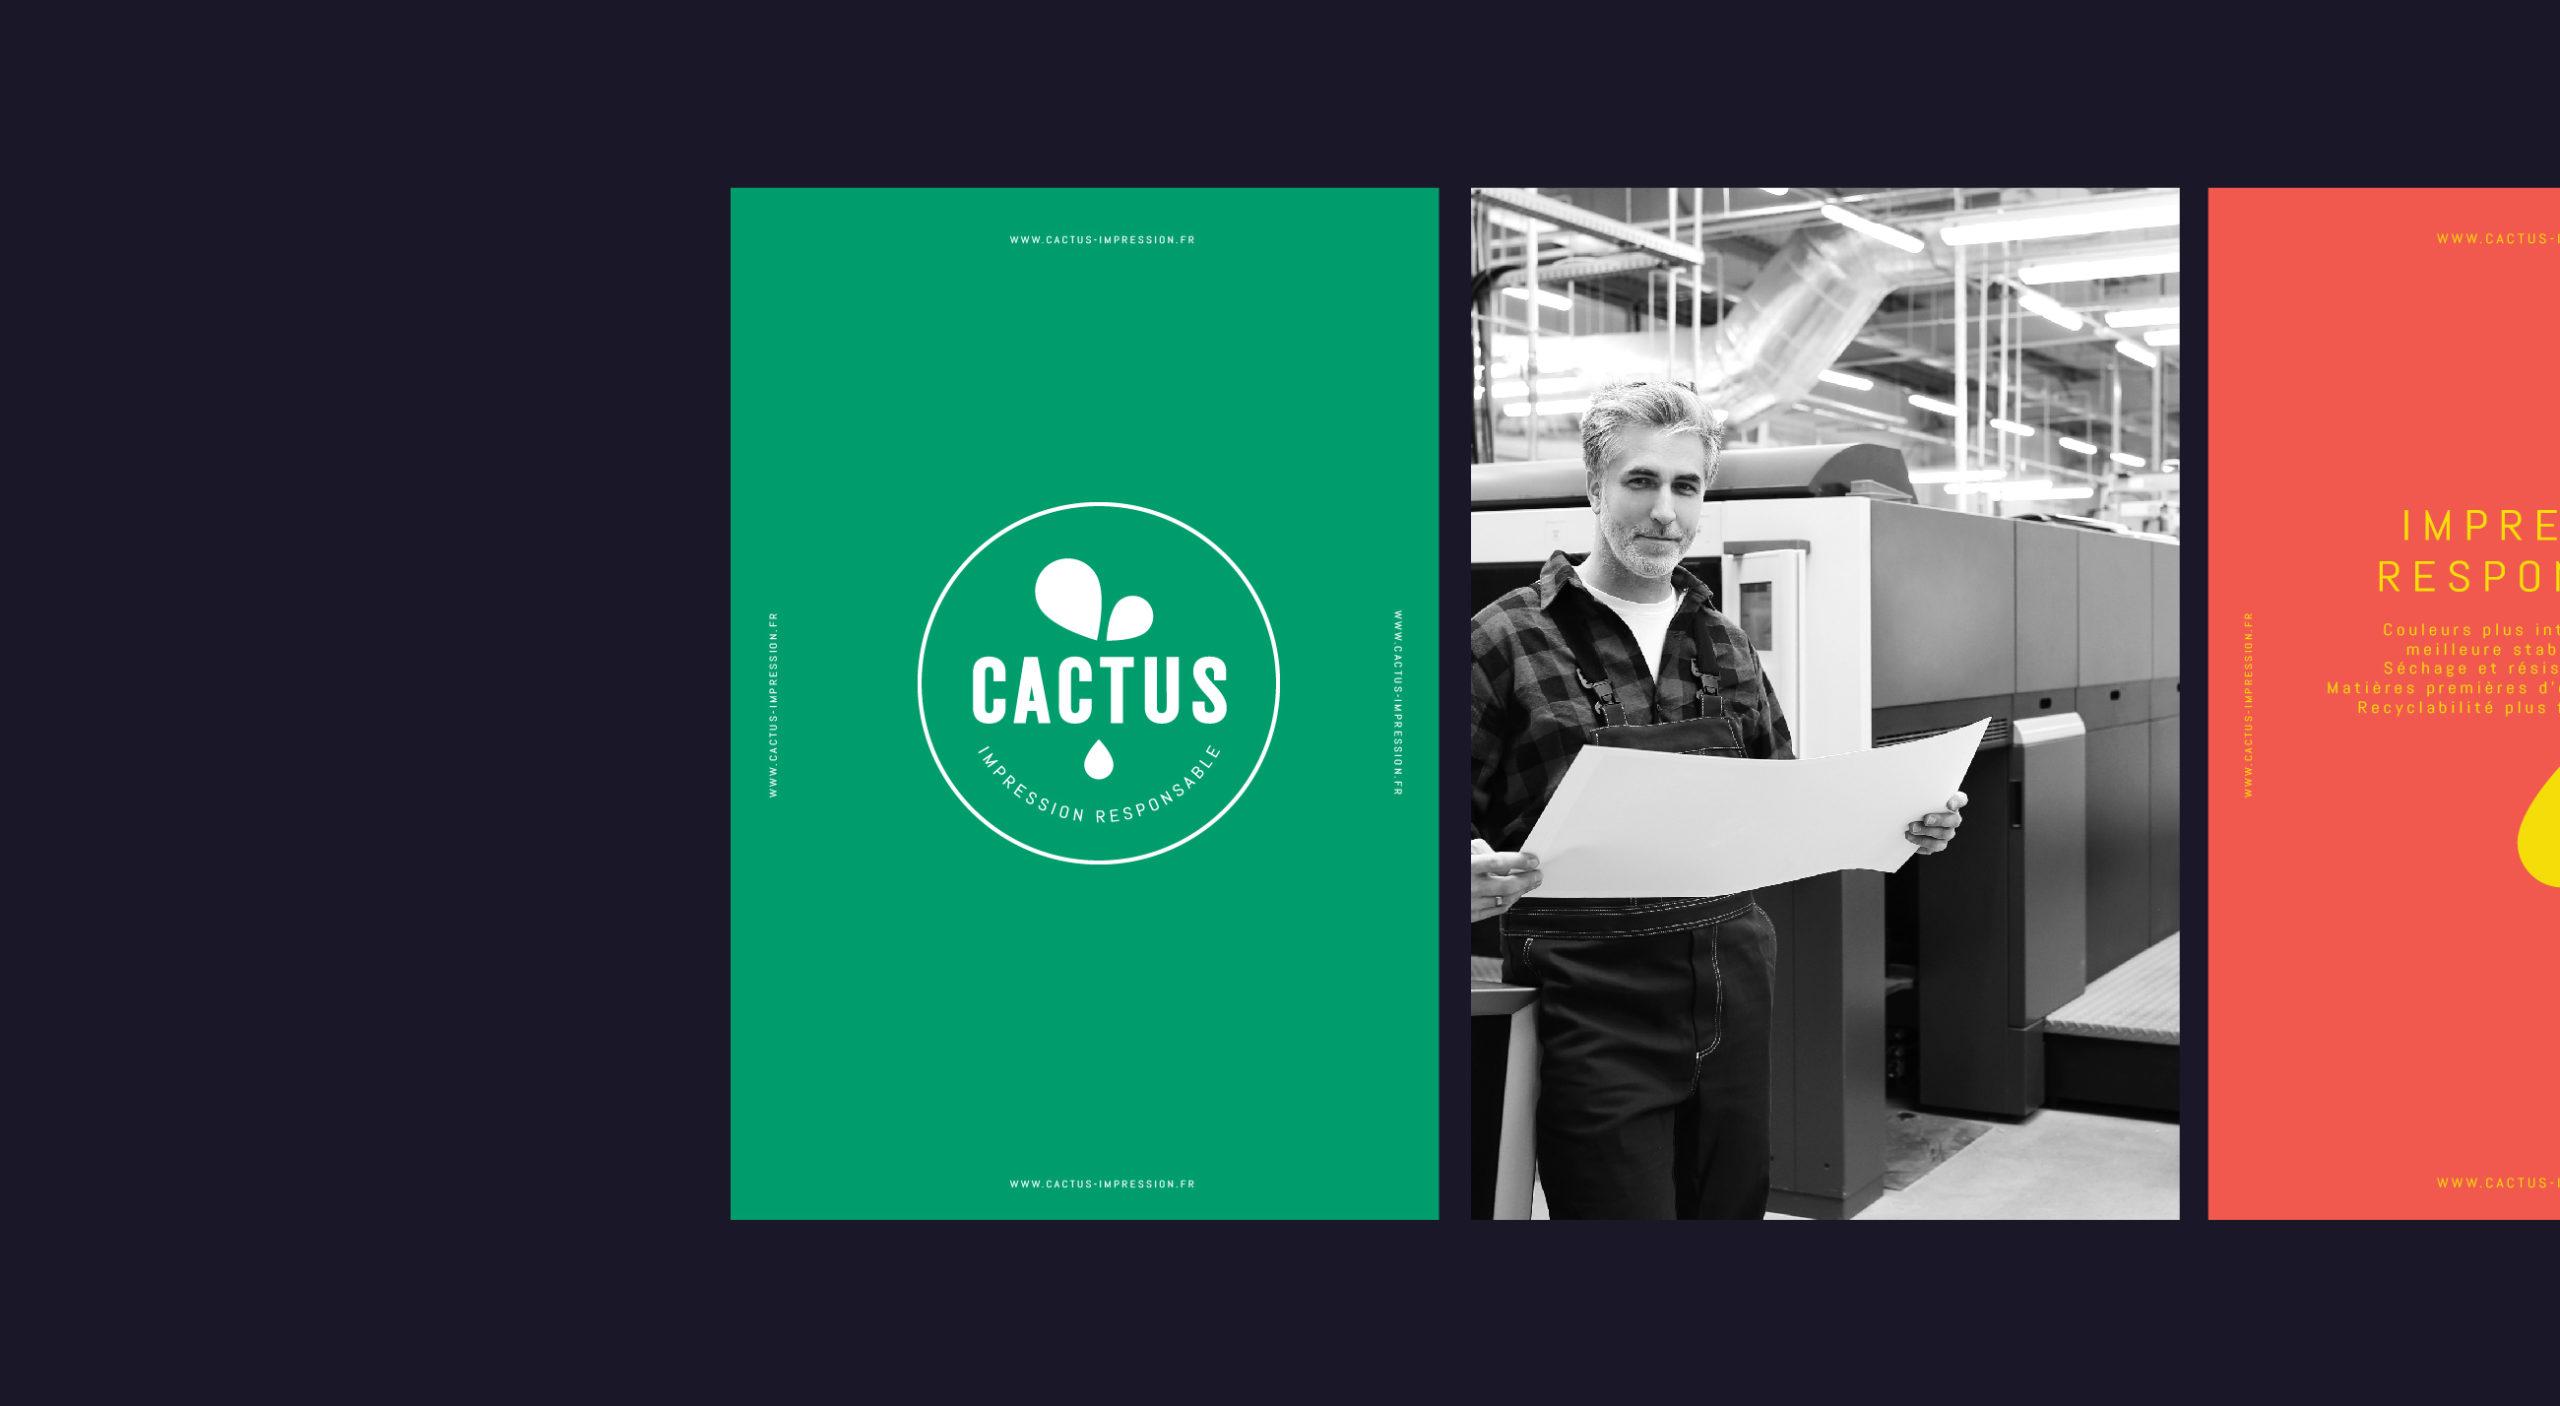 CACTUS-DAIAM-4